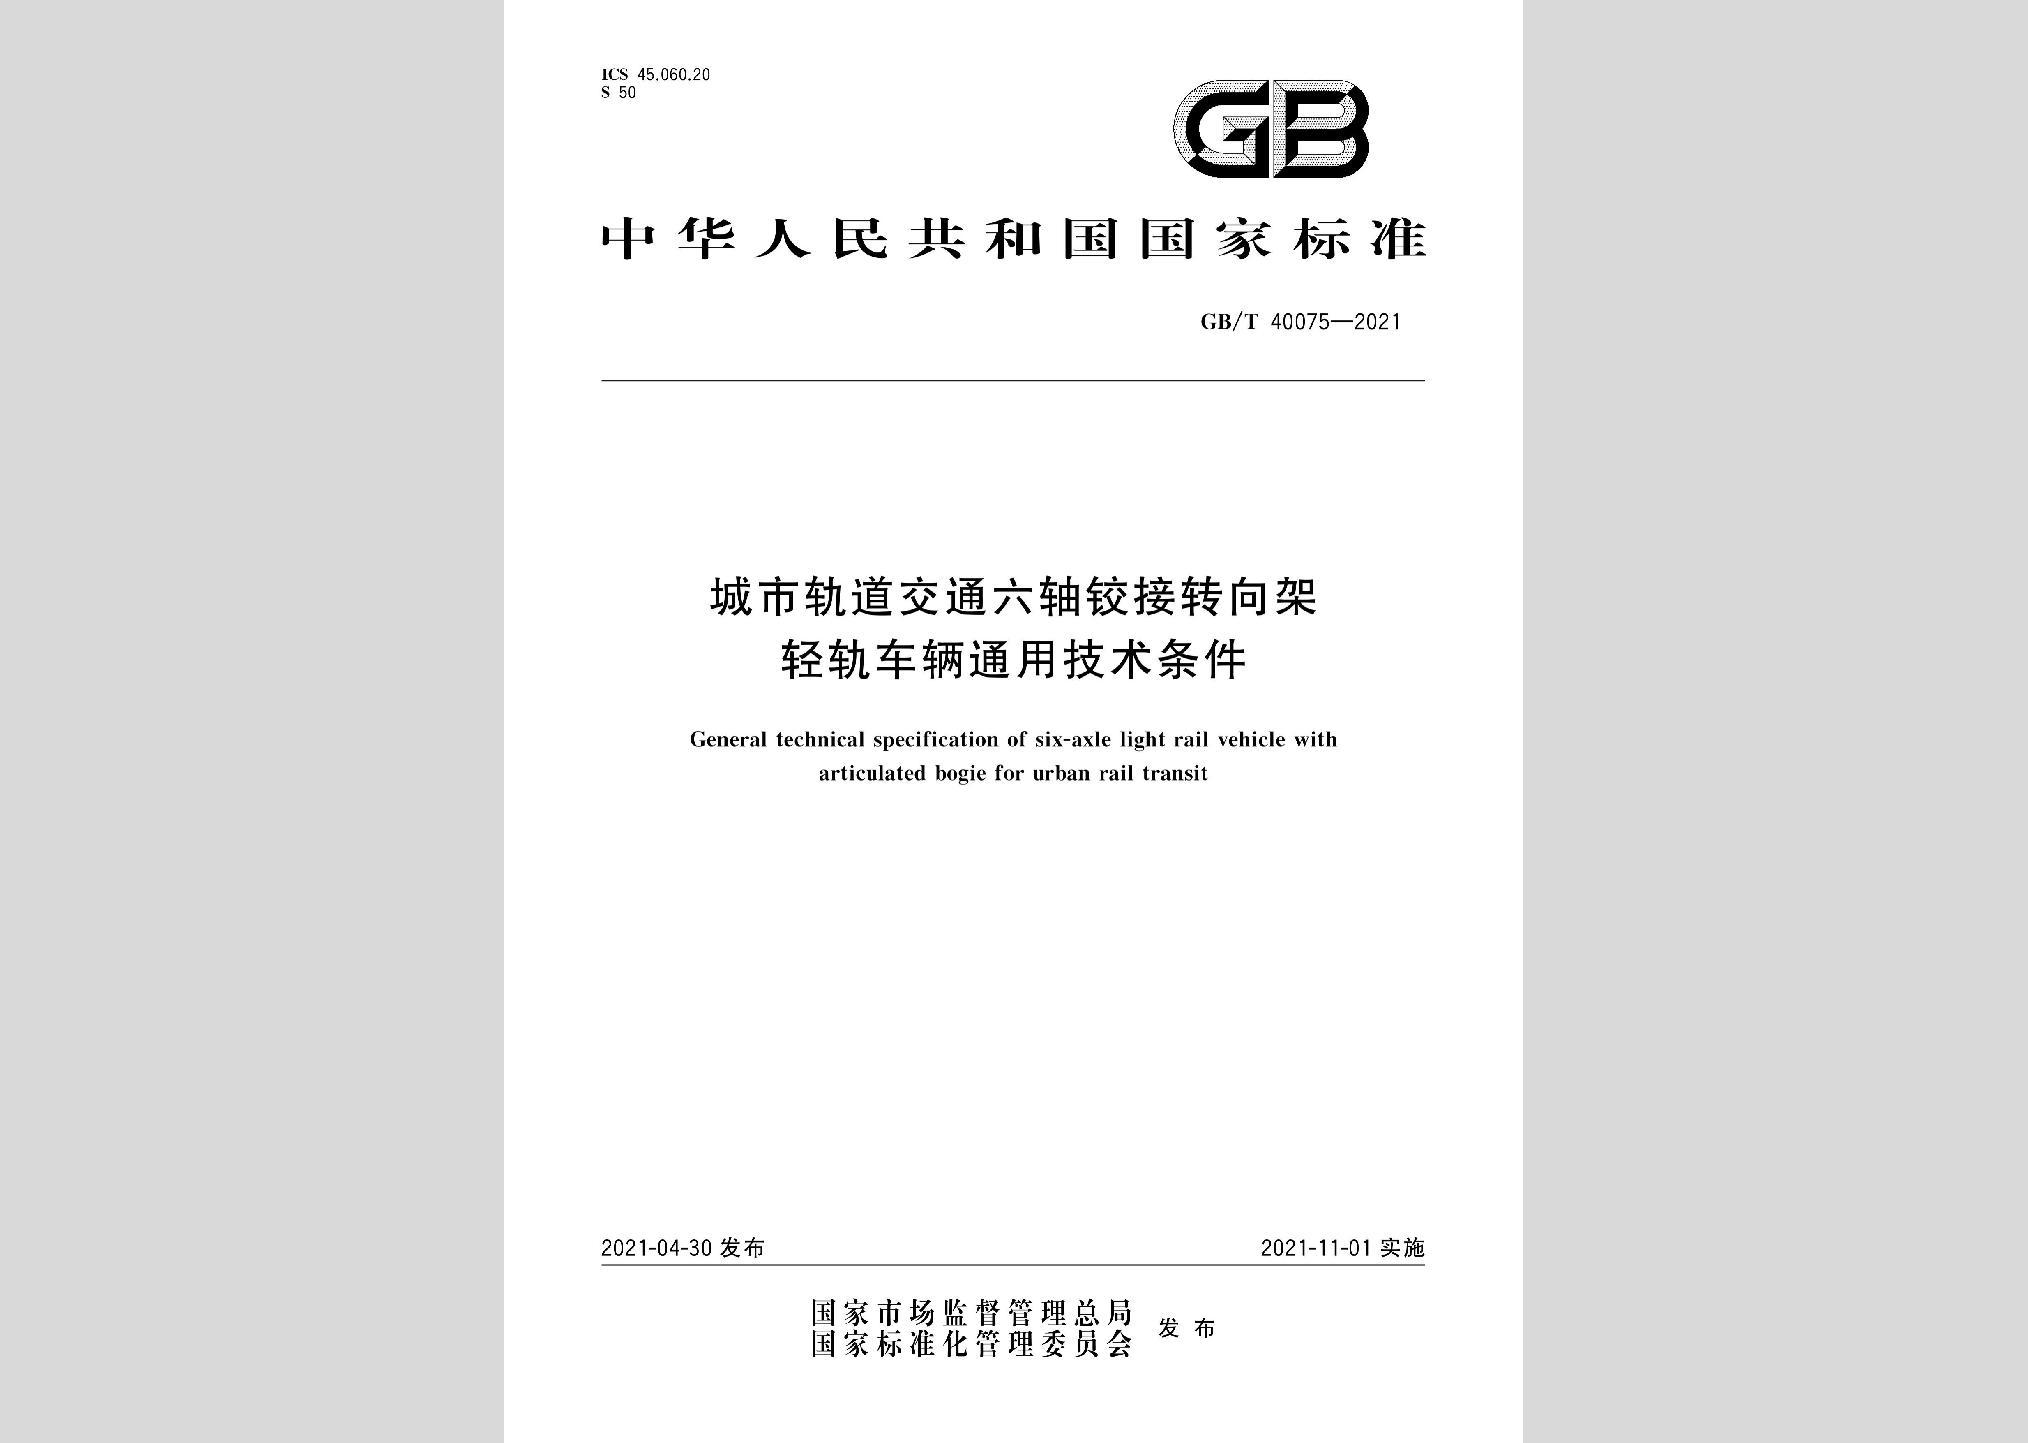 GB/T40075-2021:城市轨道交通六轴铰接转向架轻轨车辆通用技术条件